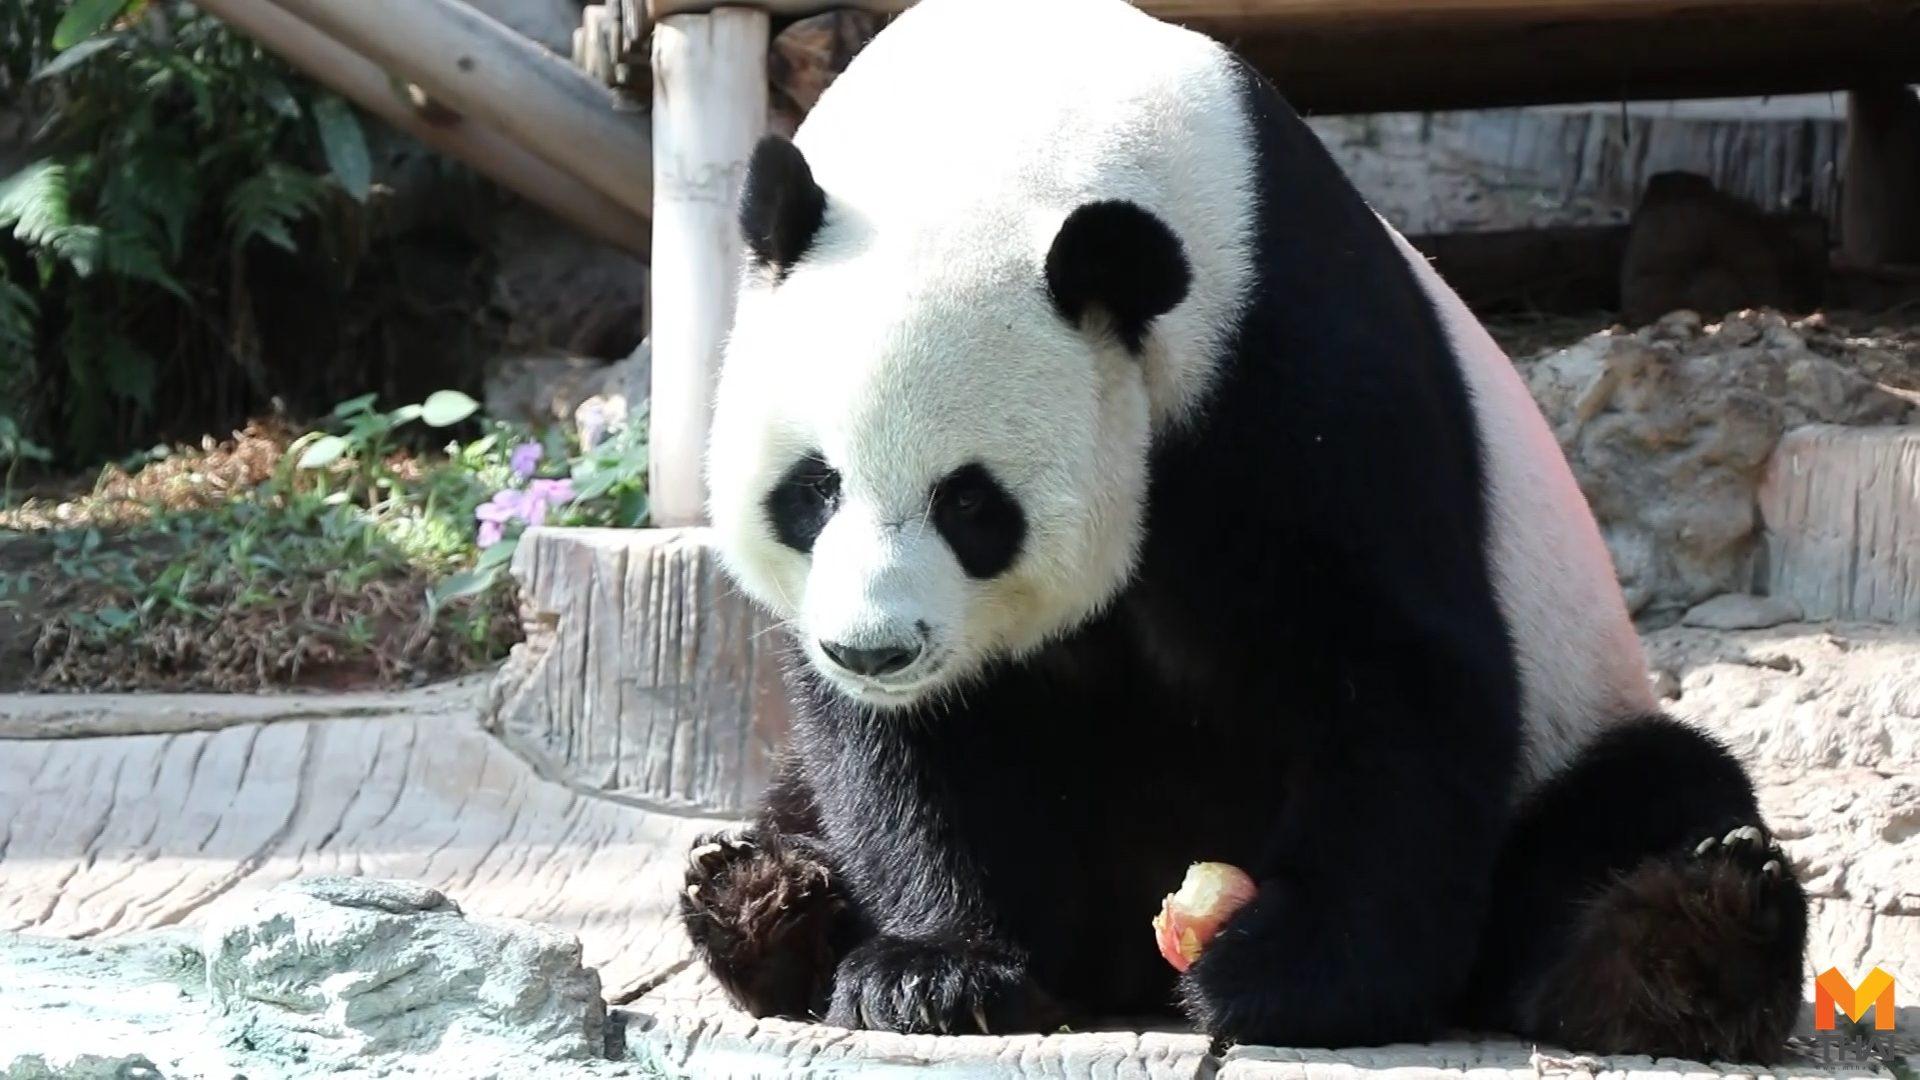 สวนสัตว์เชียงใหม่ หมีแพนด้า